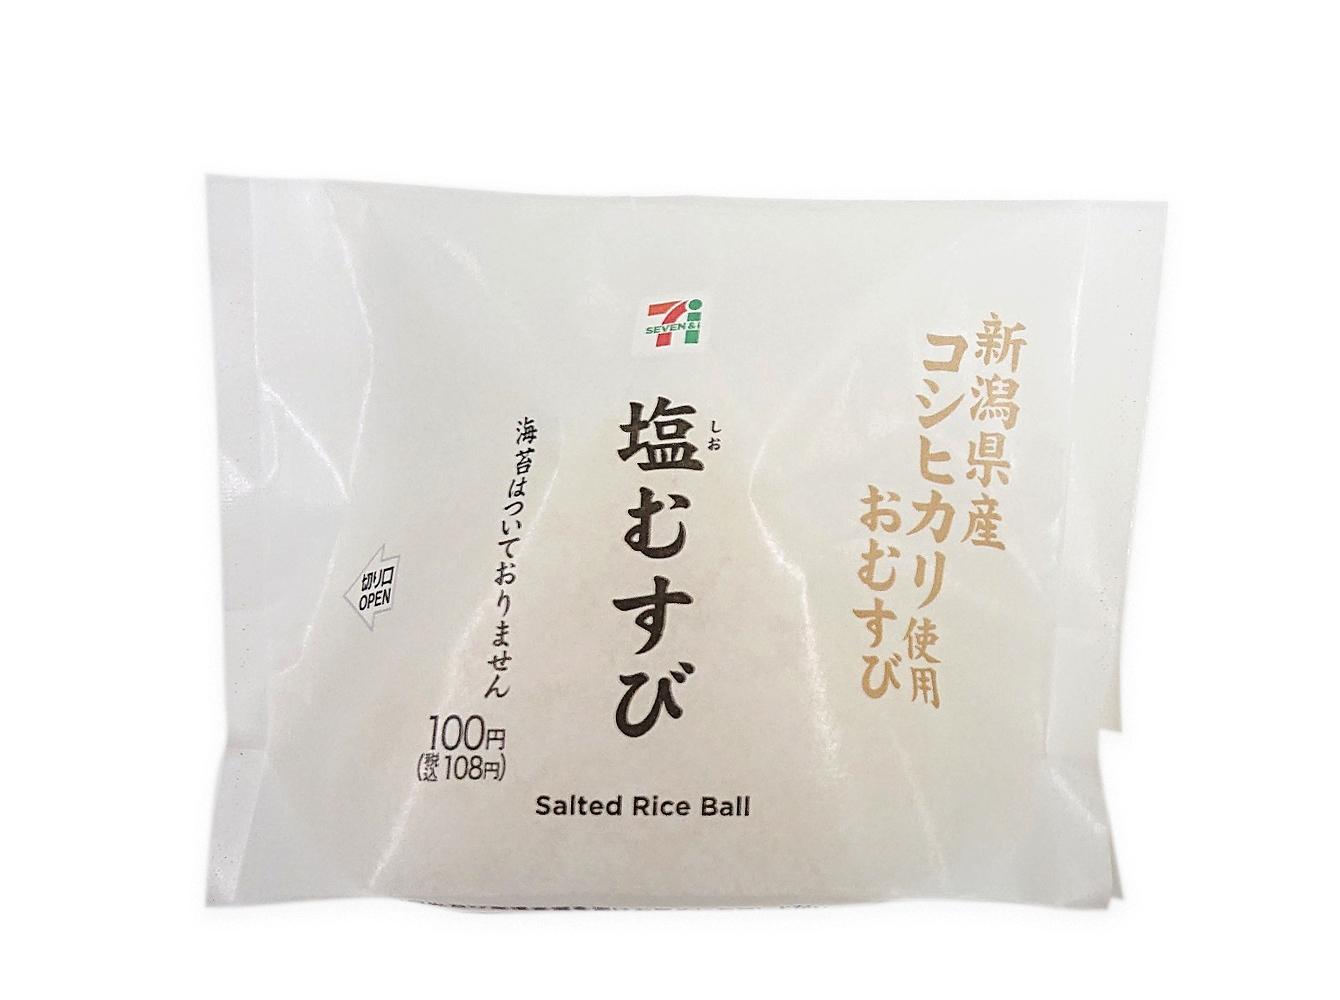 新潟県産コシヒカリ おむすび 塩むすび